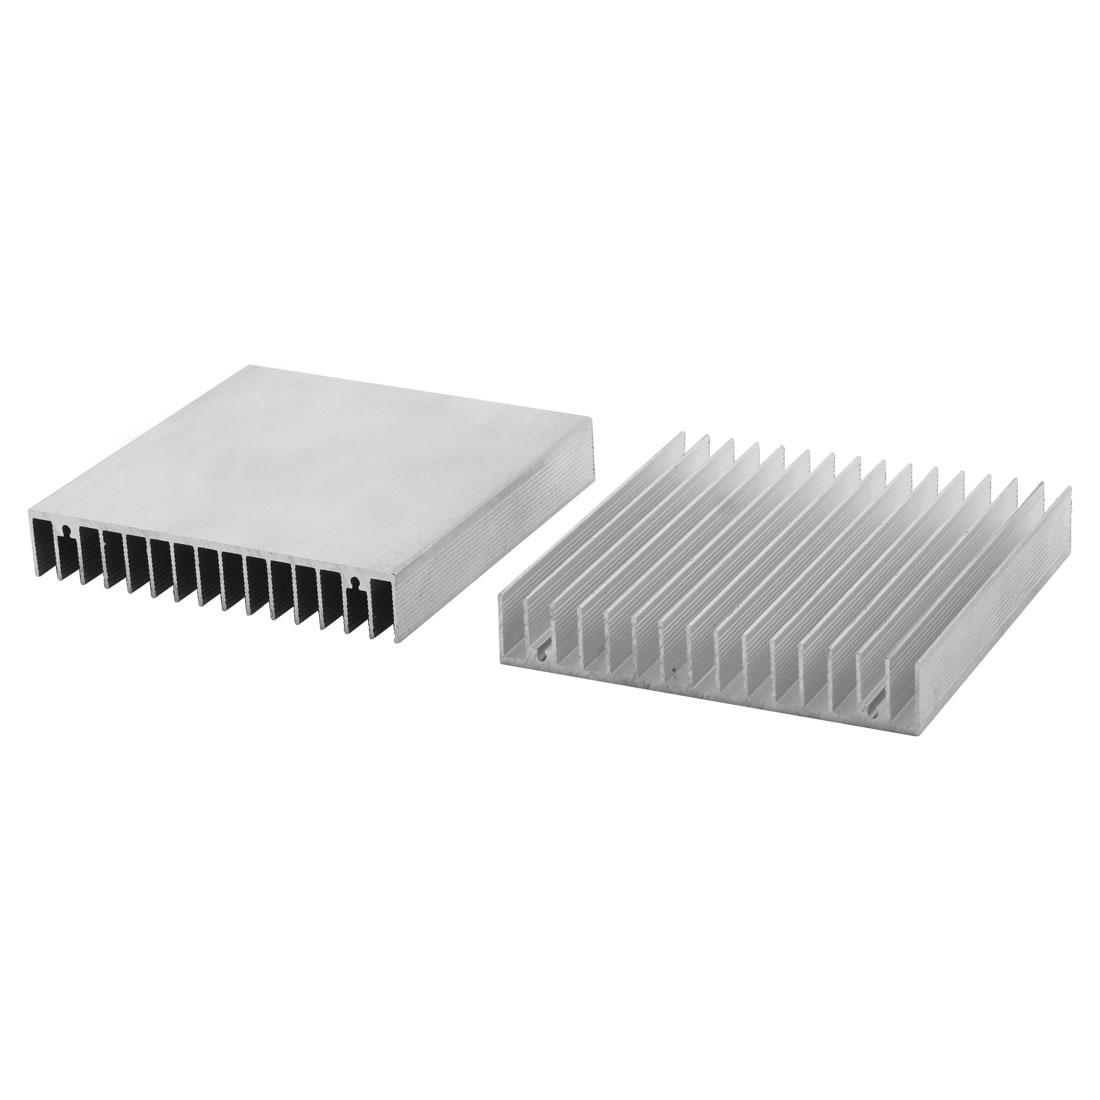 100x100x18mm Aluminum Heat Sink Radiator Fin Heatsink Silver Tone 2pcs